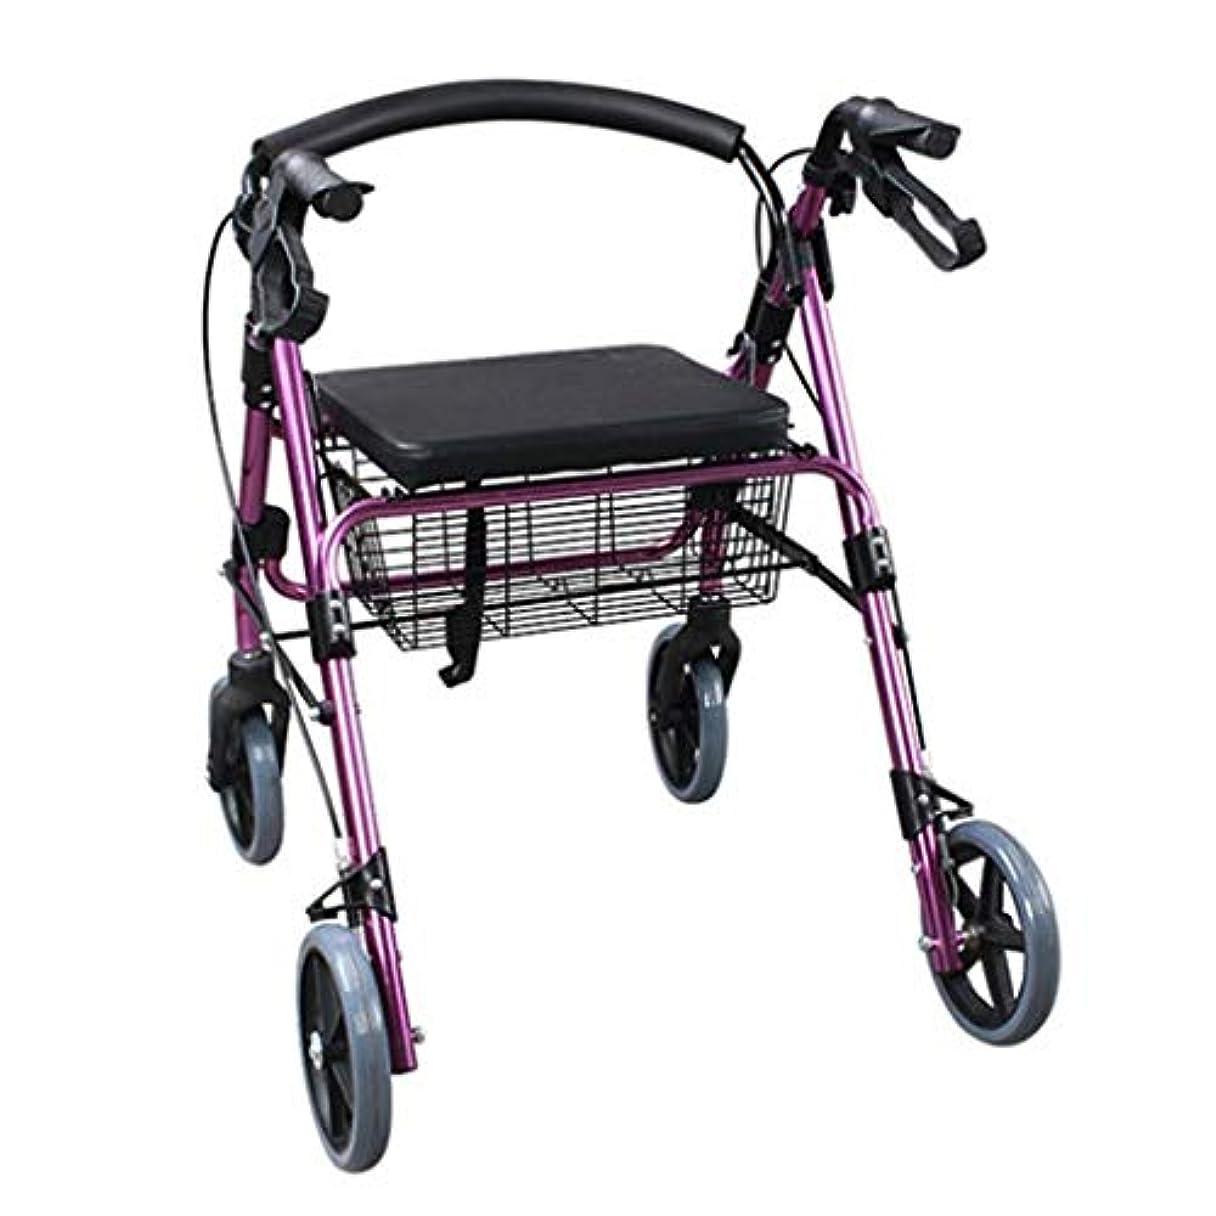 折り畳み式の携帯用歩行器の補助歩行者の4つの車輪のショッピングカートのハンドブレーキが付いている頑丈な歩行者